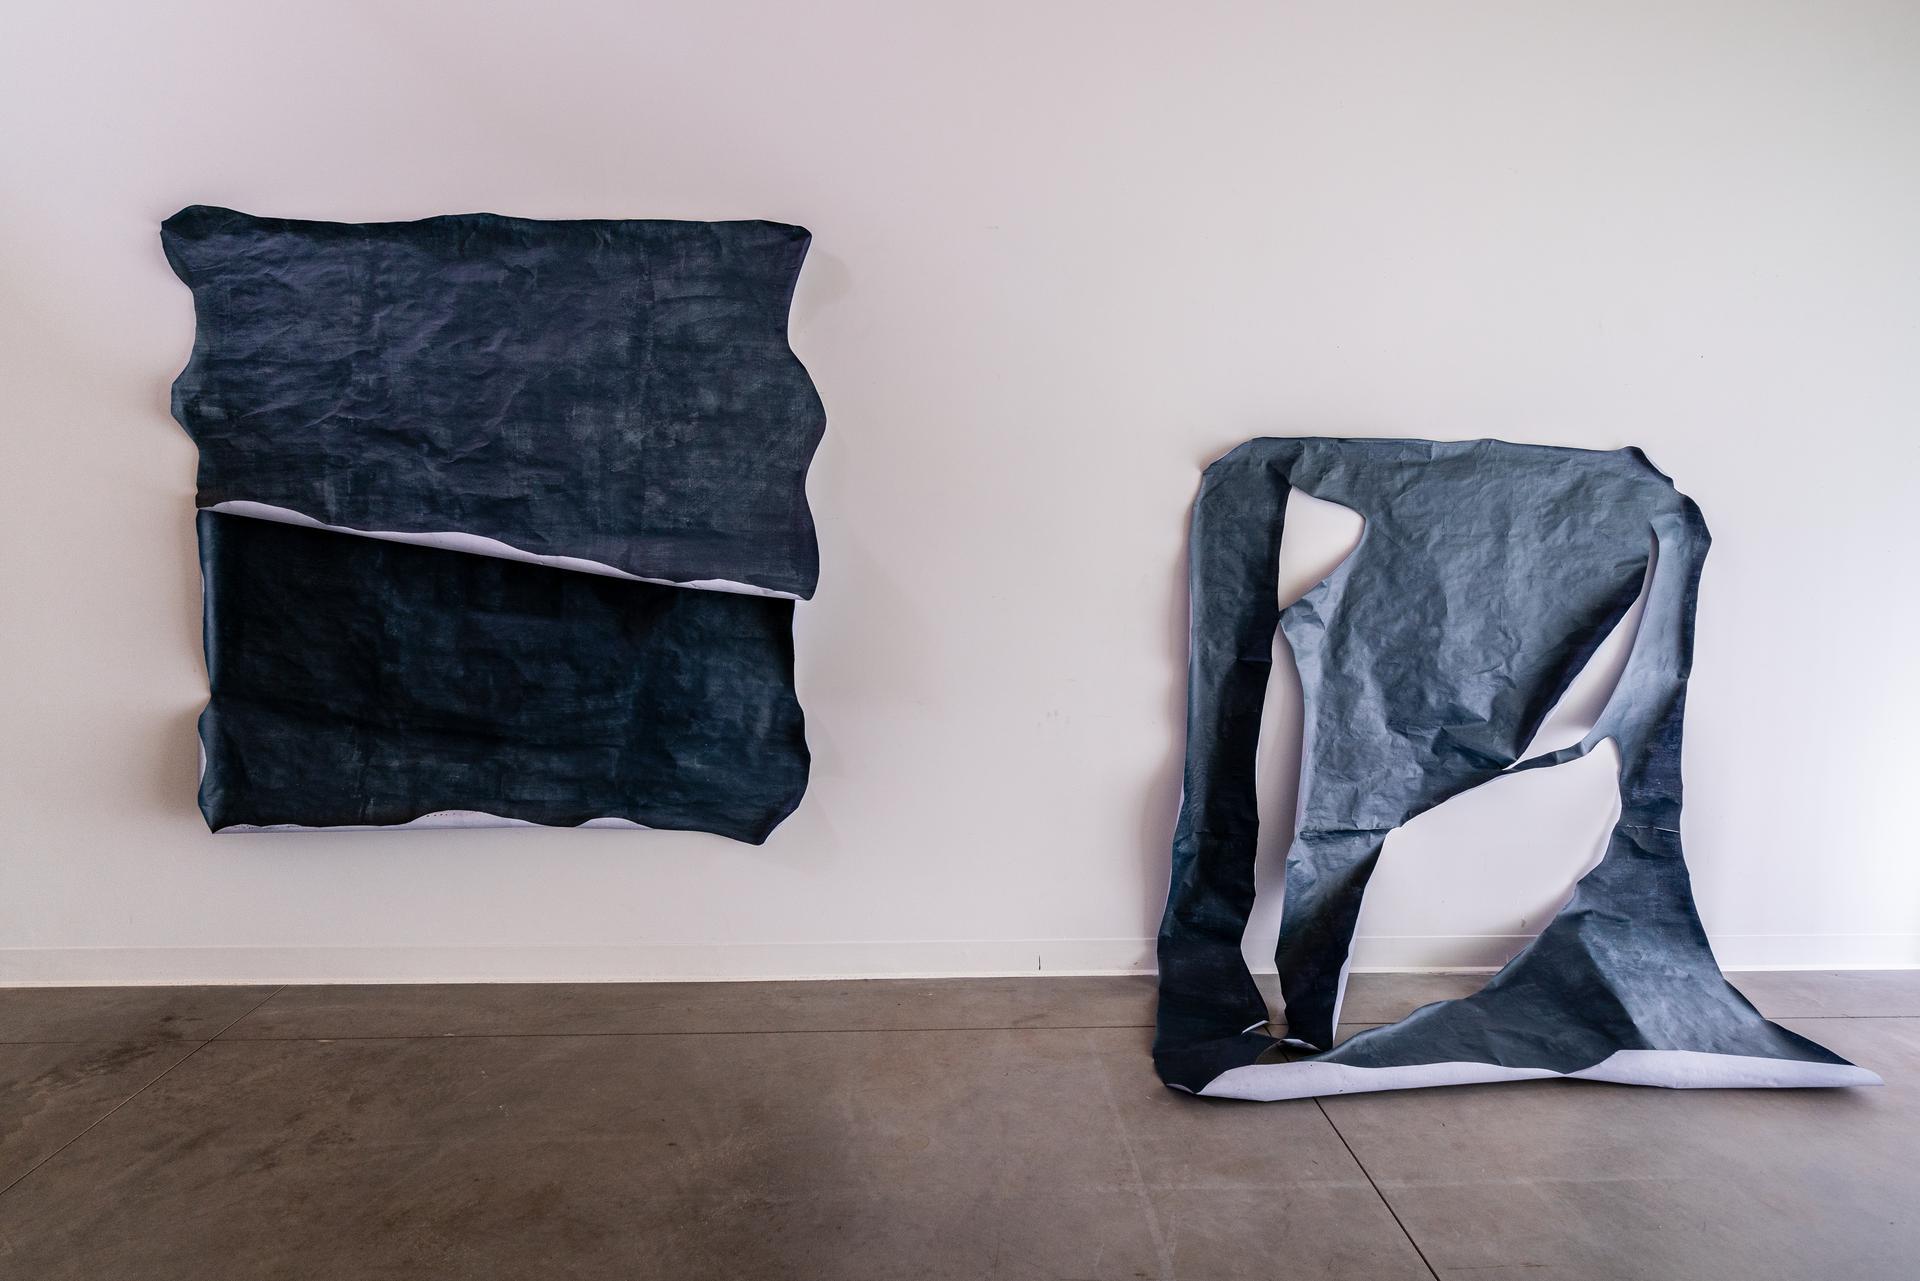 Expérimentations menées en atelier par Stéphanie Auger